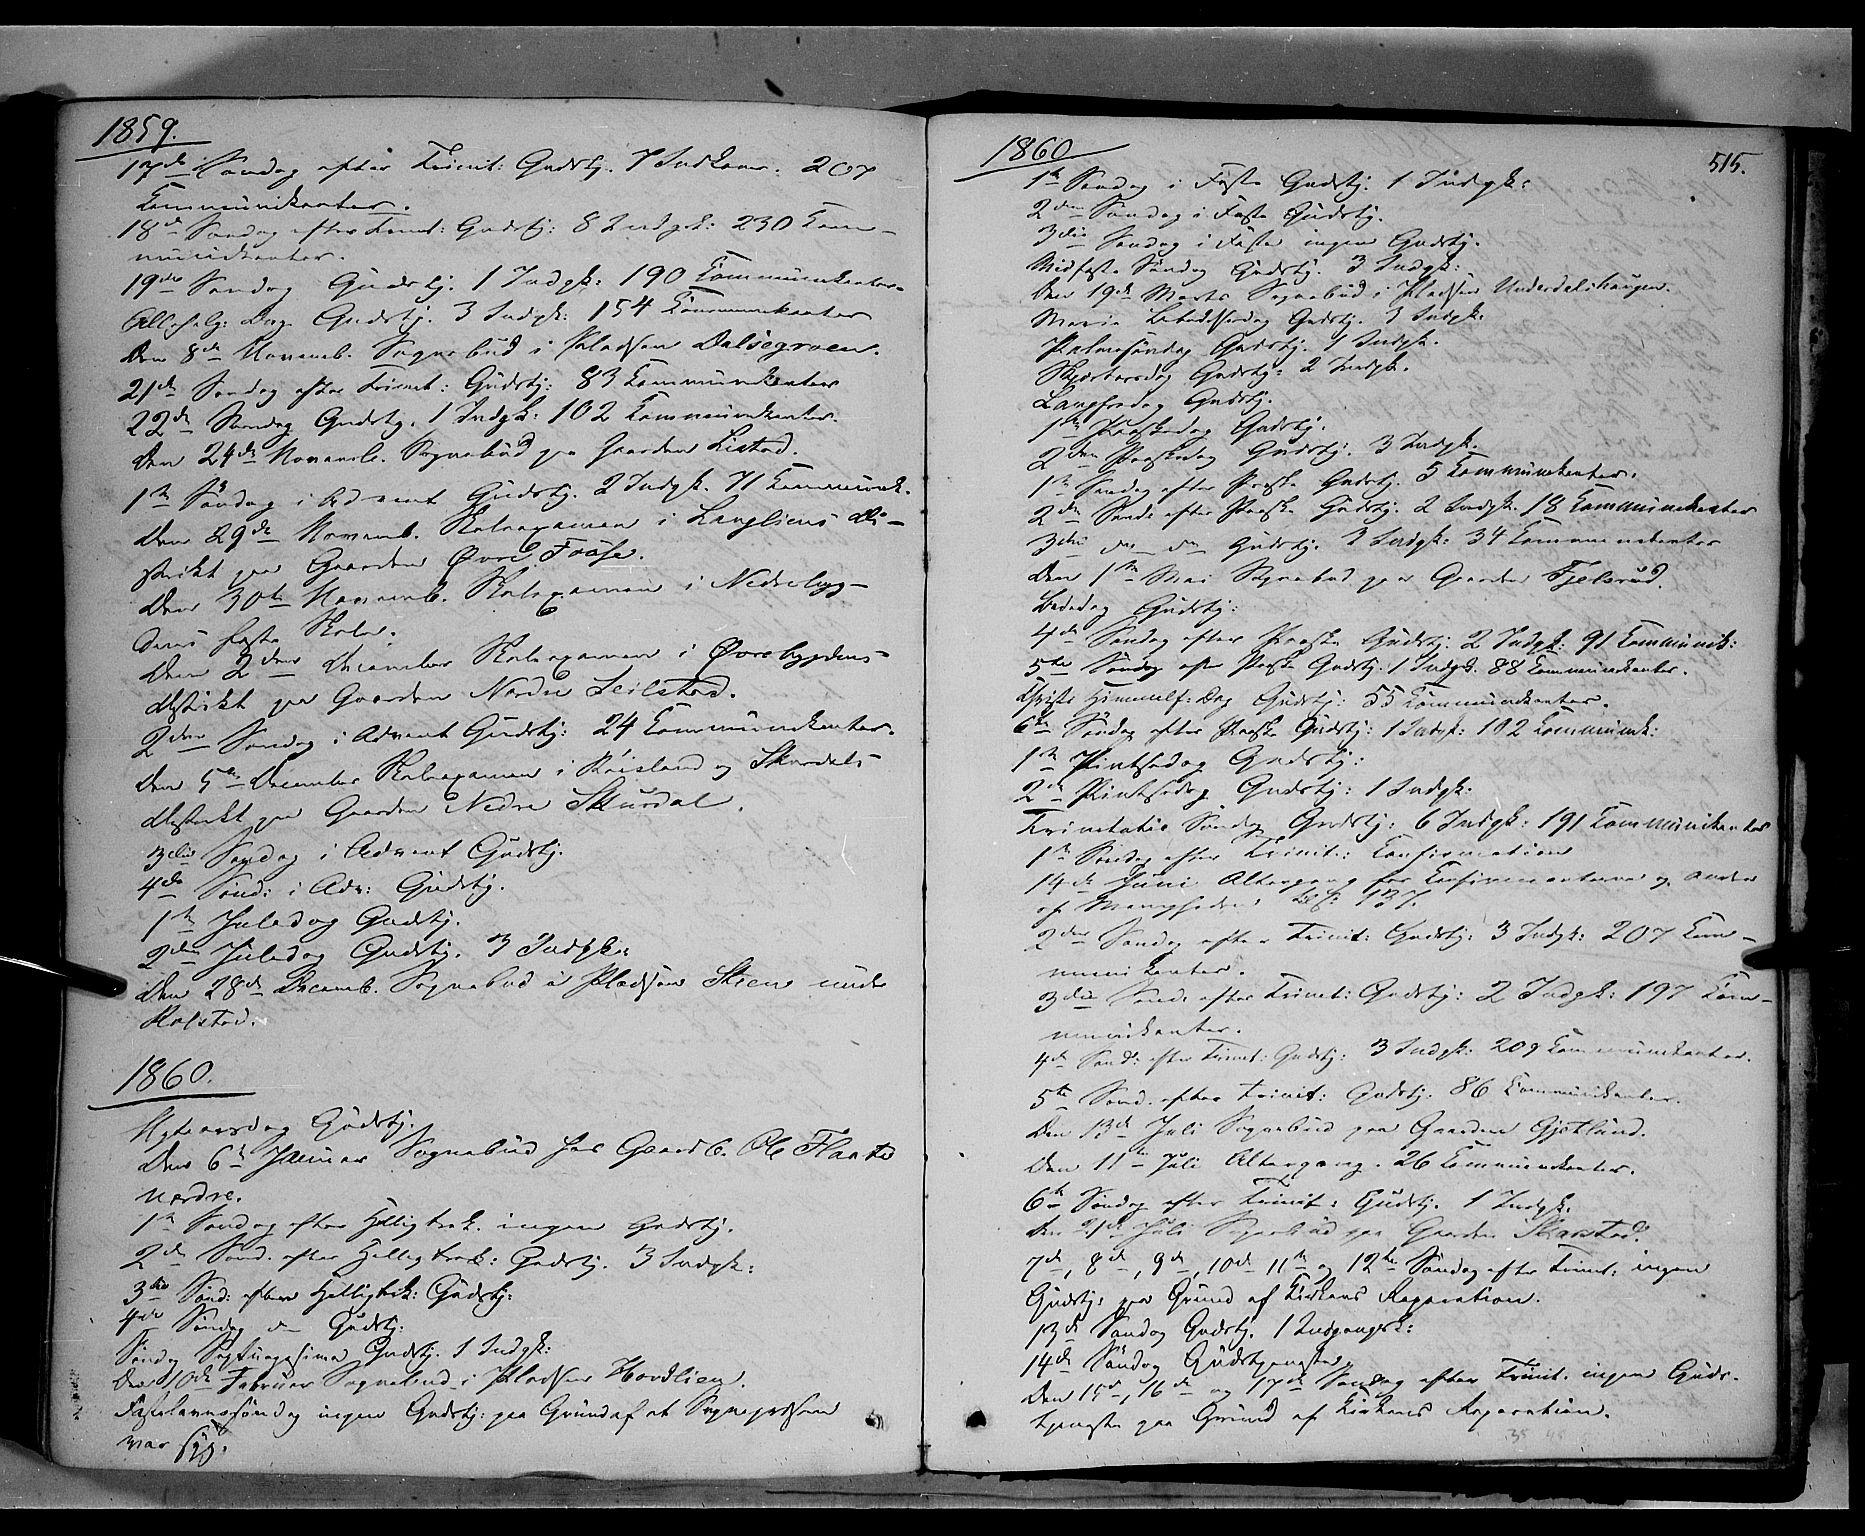 SAH, Sør-Fron prestekontor, H/Ha/Haa/L0001: Ministerialbok nr. 1, 1849-1863, s. 515